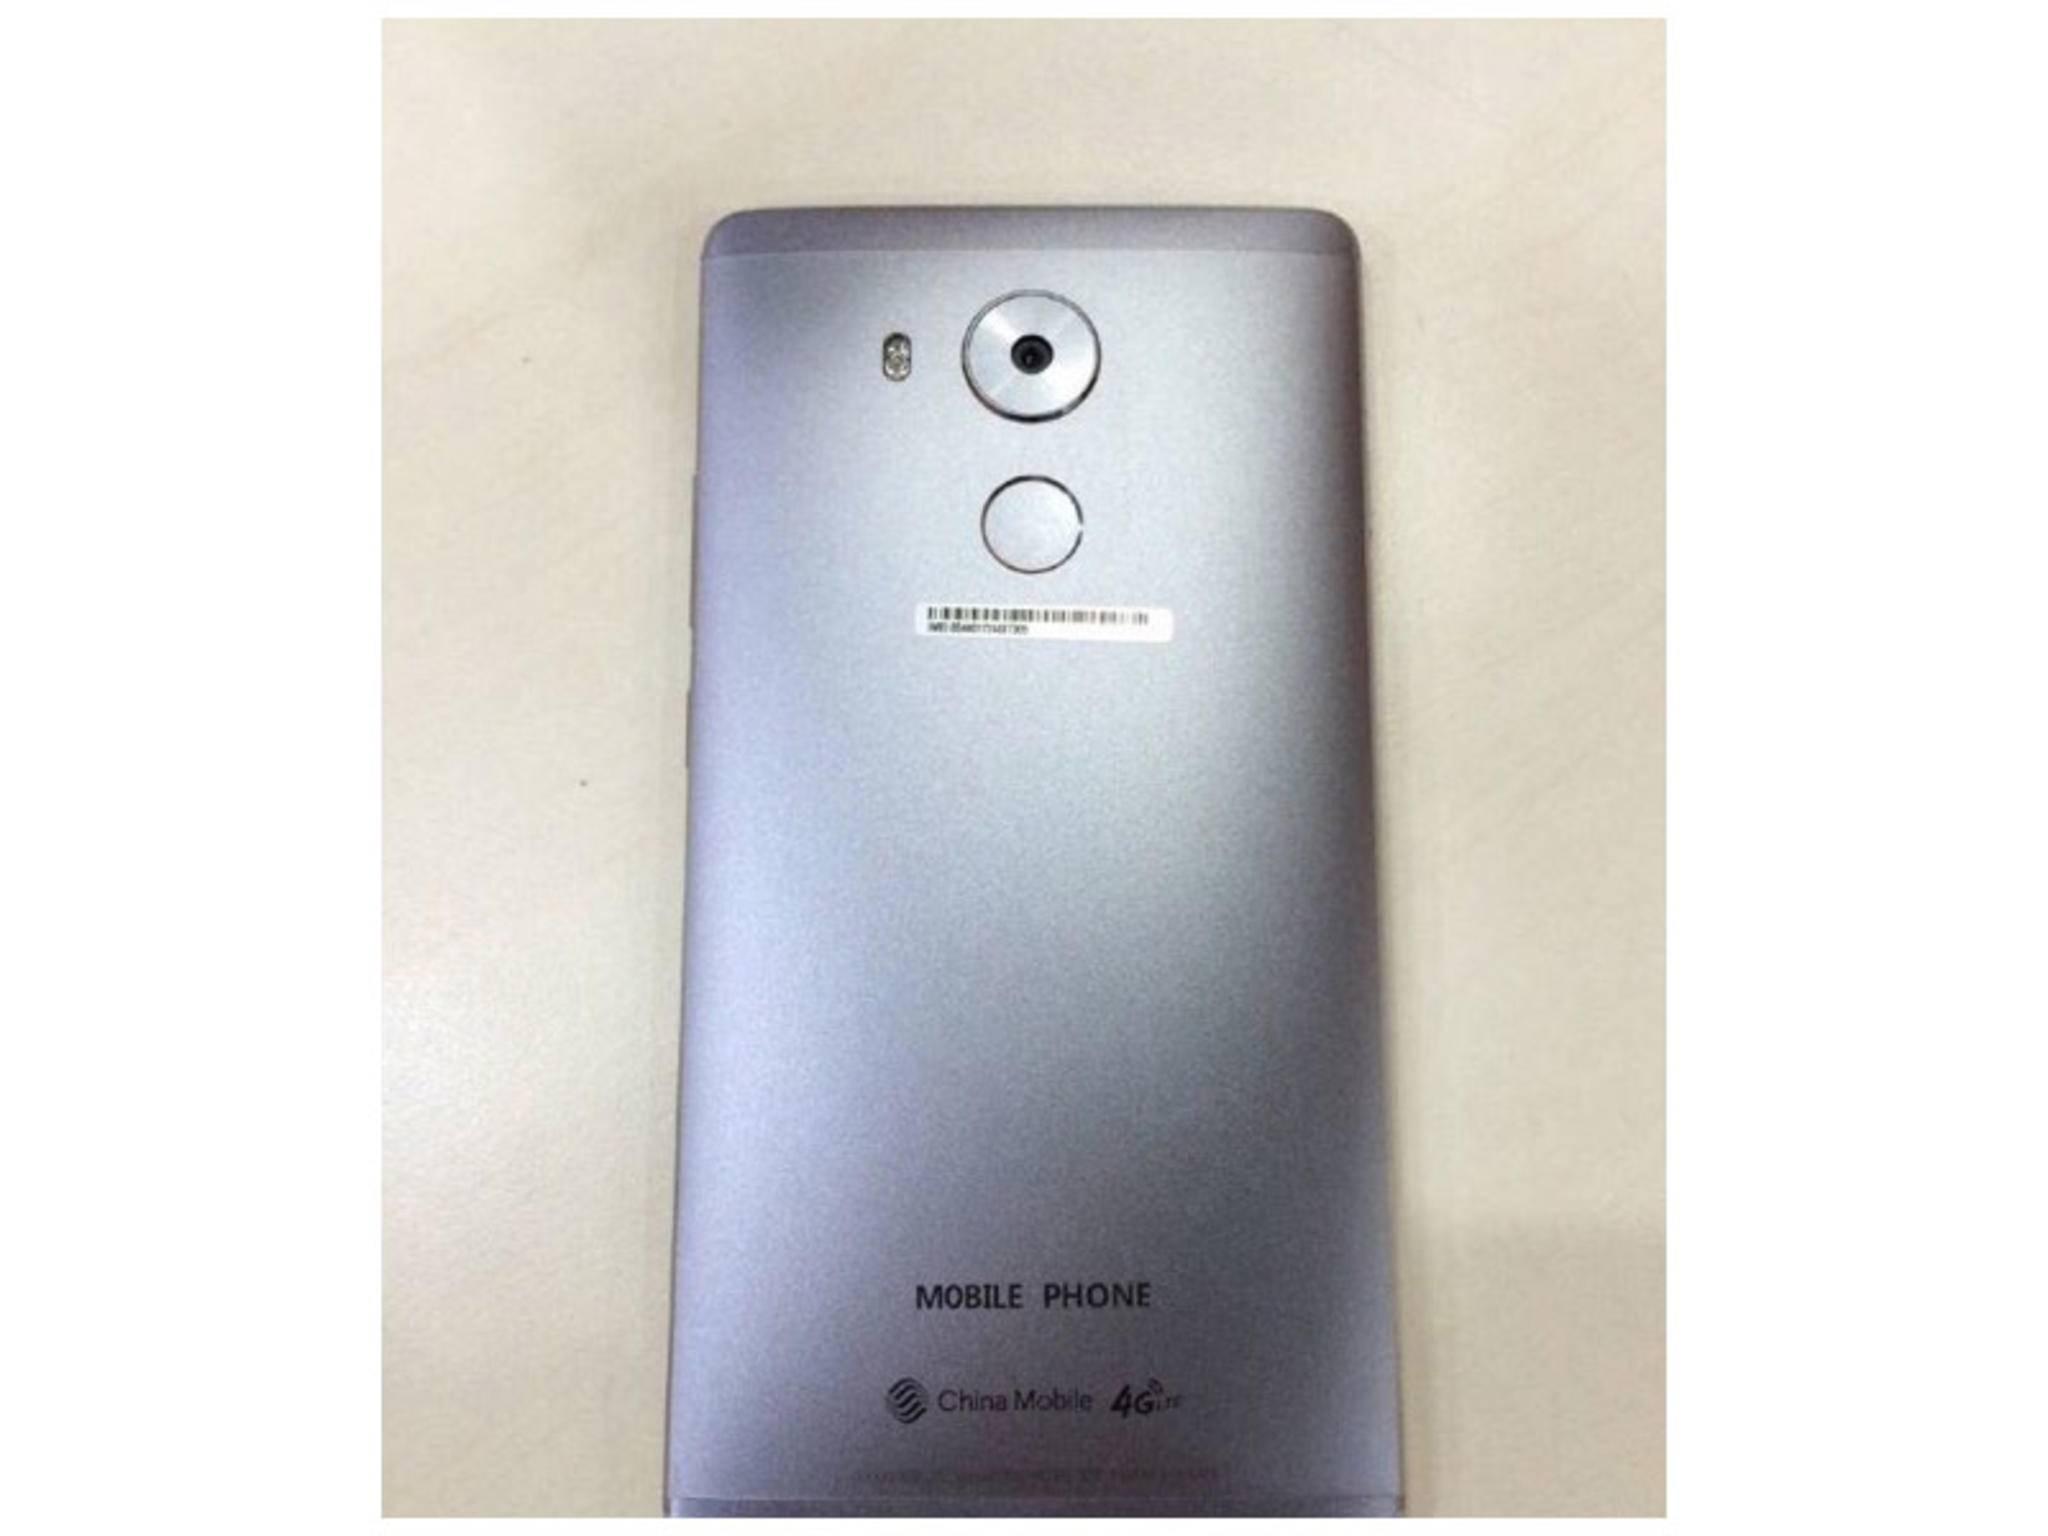 Die Kamera des Huawei Mate 8, darunter der Fingerabdruckscanner.